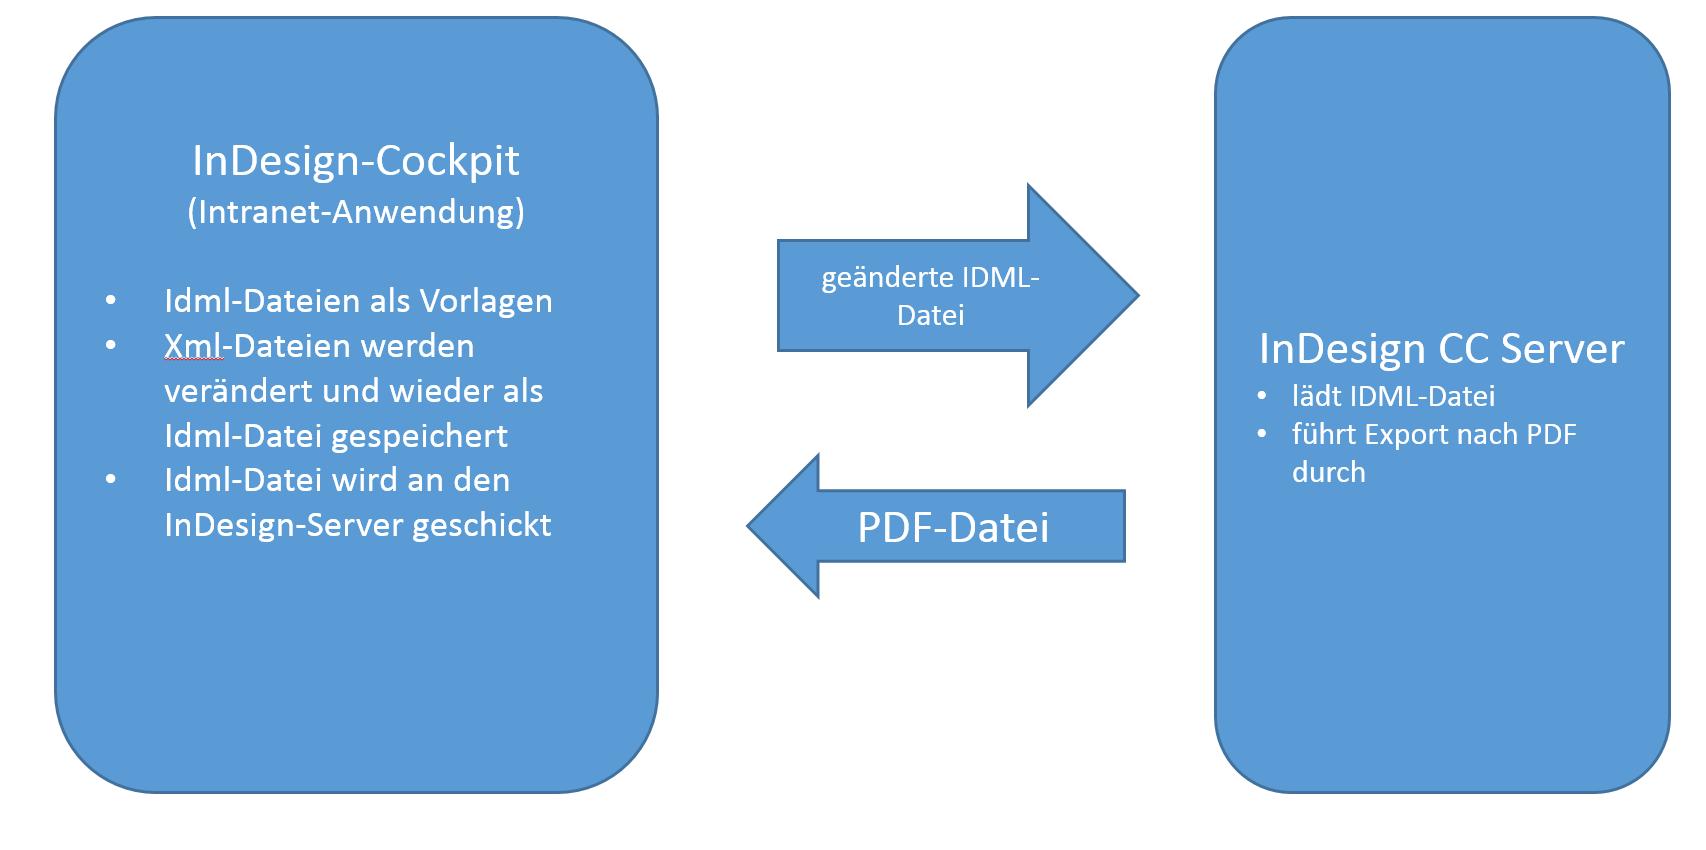 Servergestütze InDesign-Automatisierung